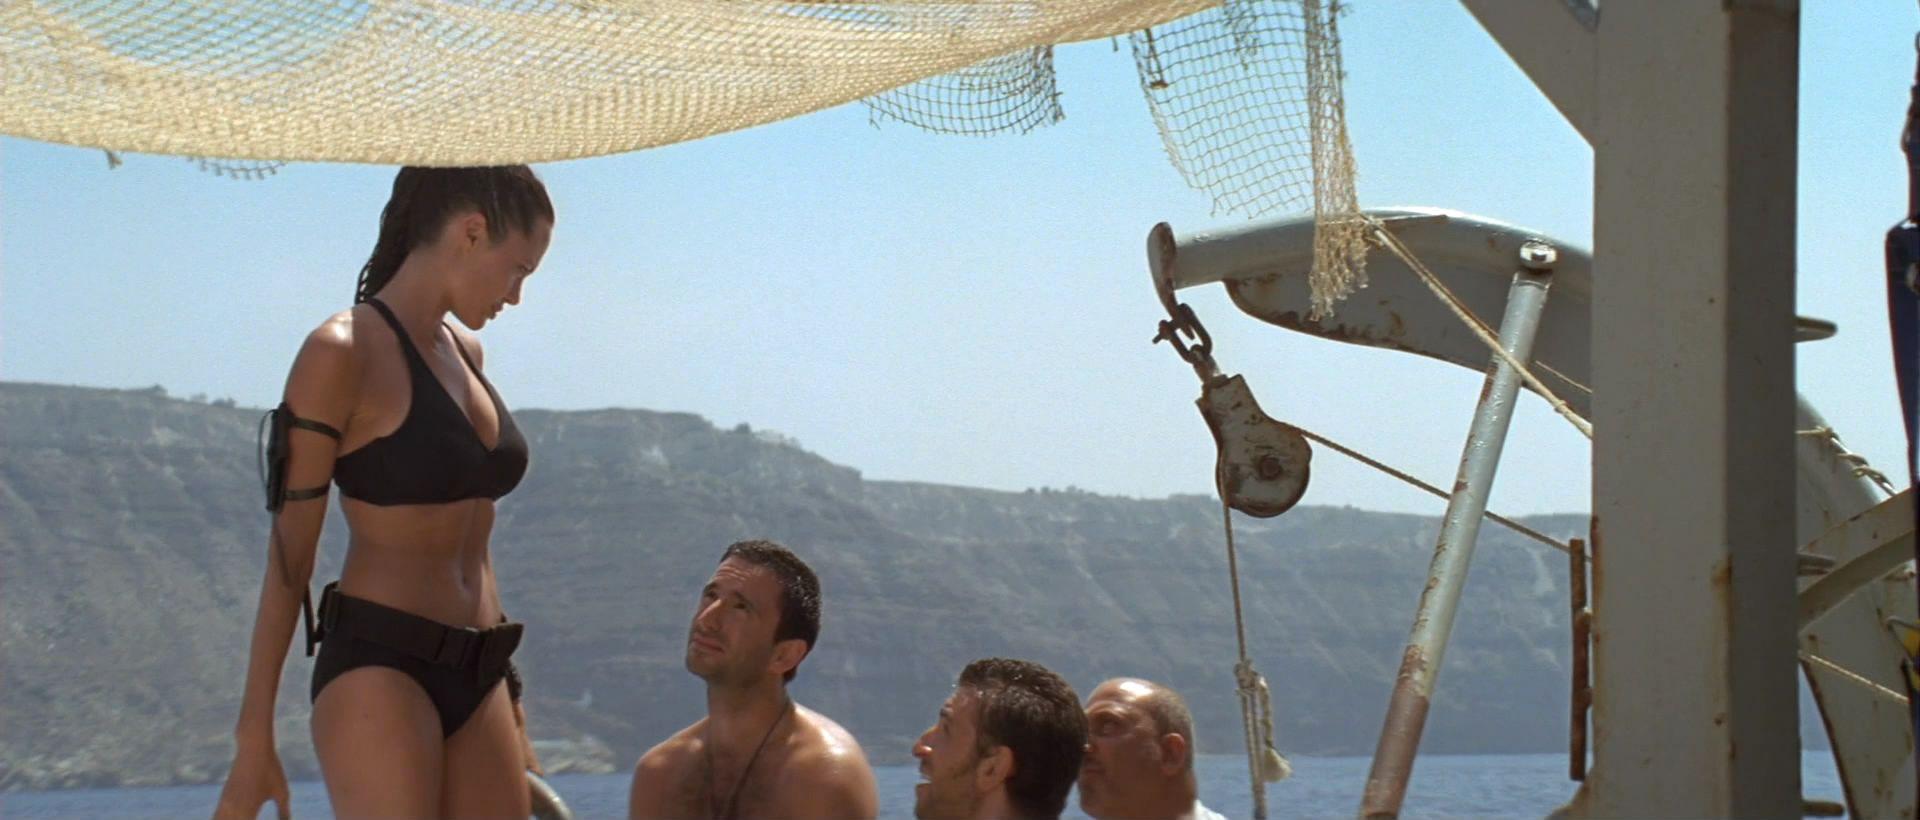 Αποτέλεσμα εικόνας για Tomb Raider: The Cradle of Life mykonos